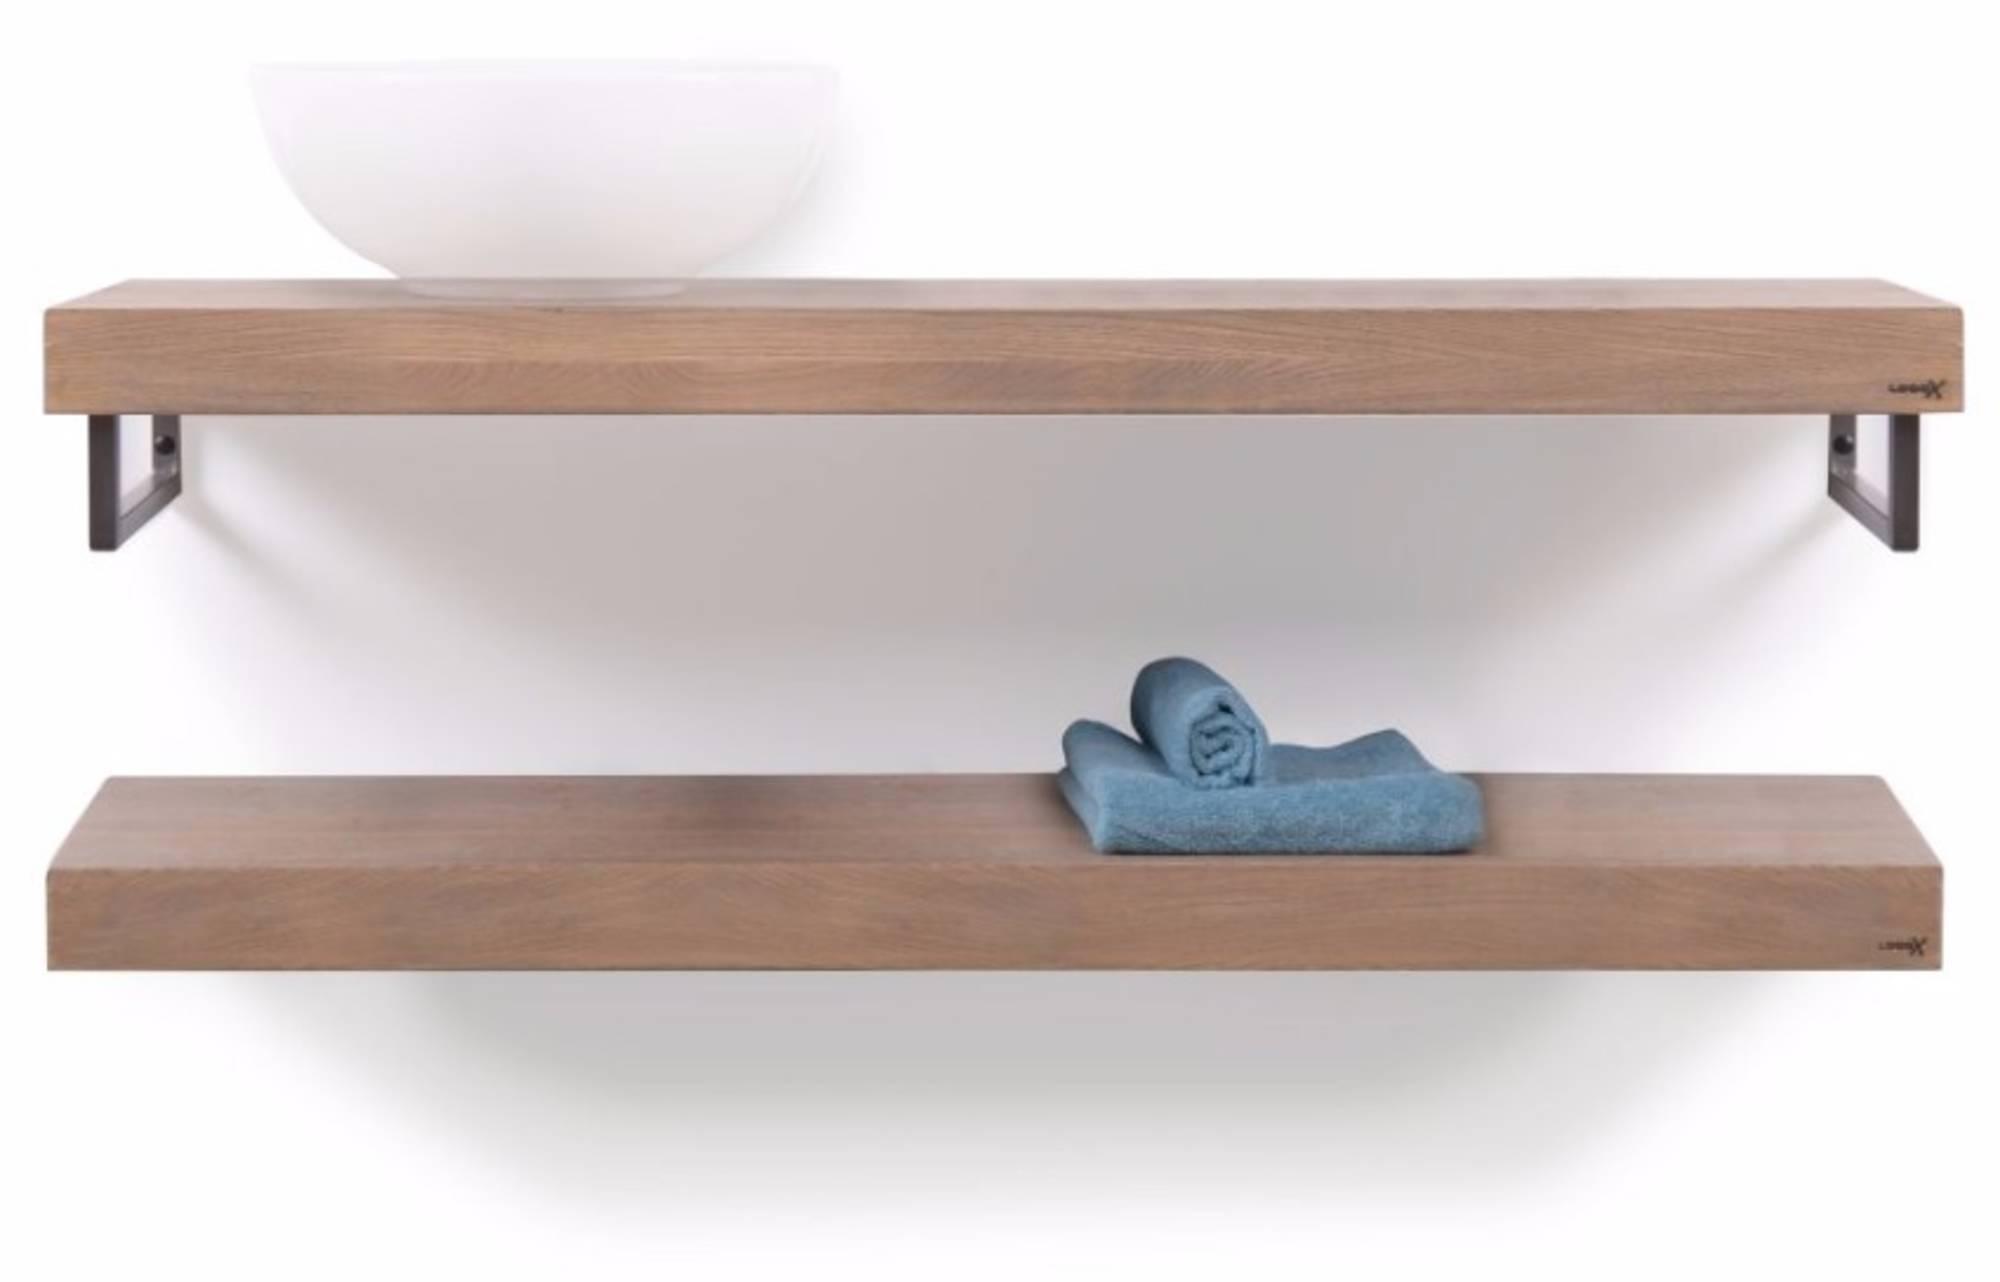 Looox Wooden Base Shelf Duo Eiken 120 cm Old Grey/RVS